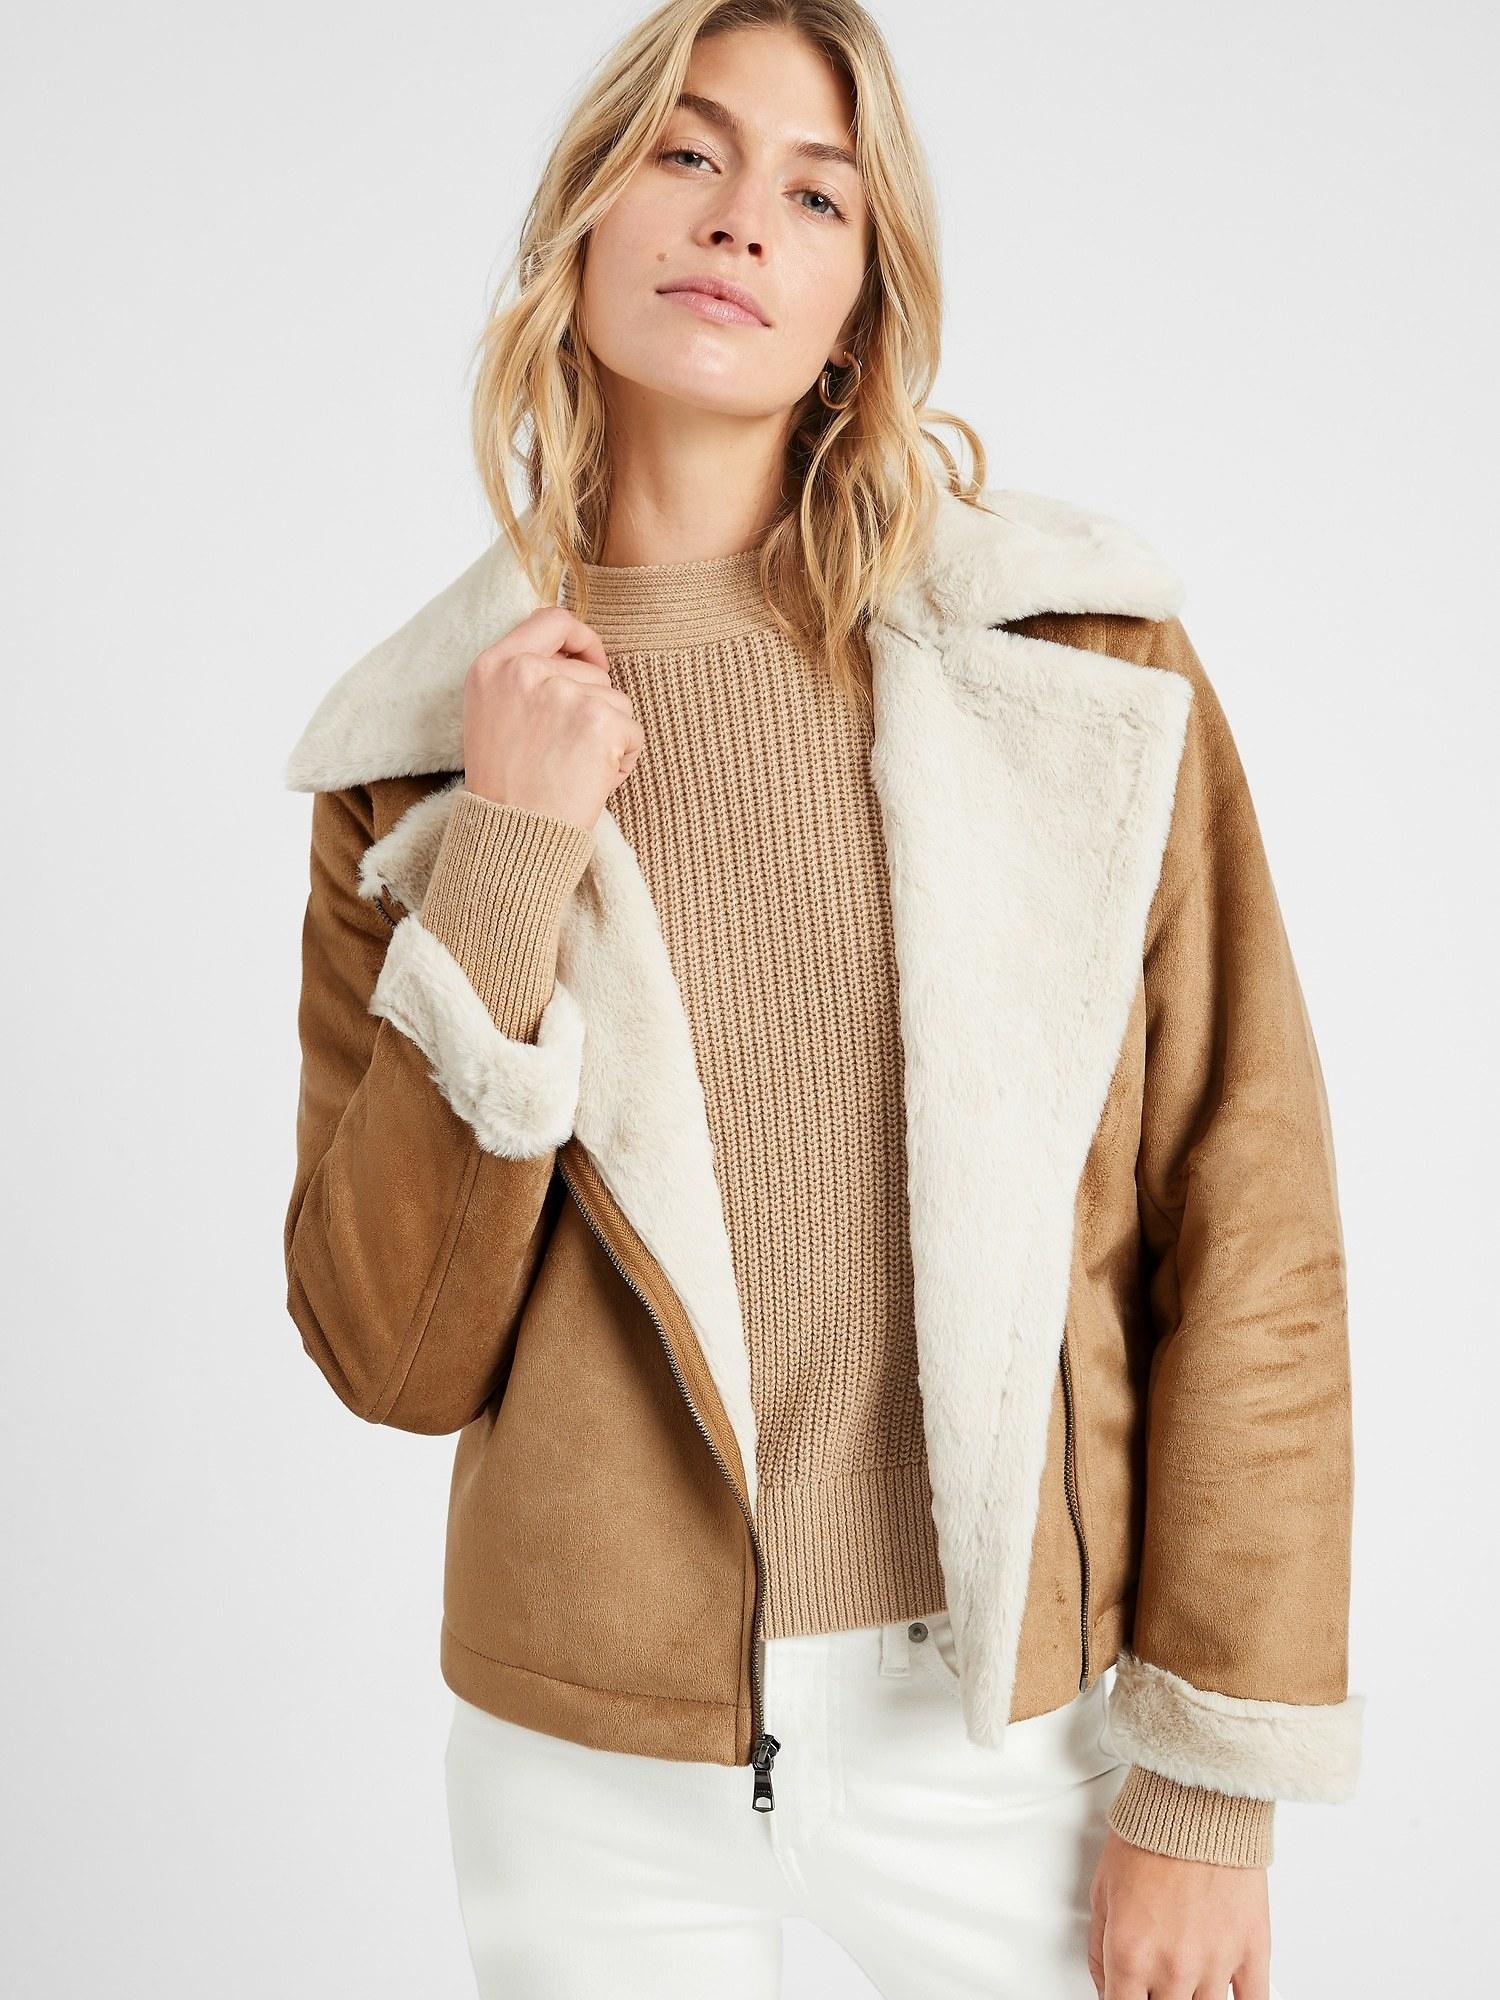 model wearing faux shearling jacket in beige/off white